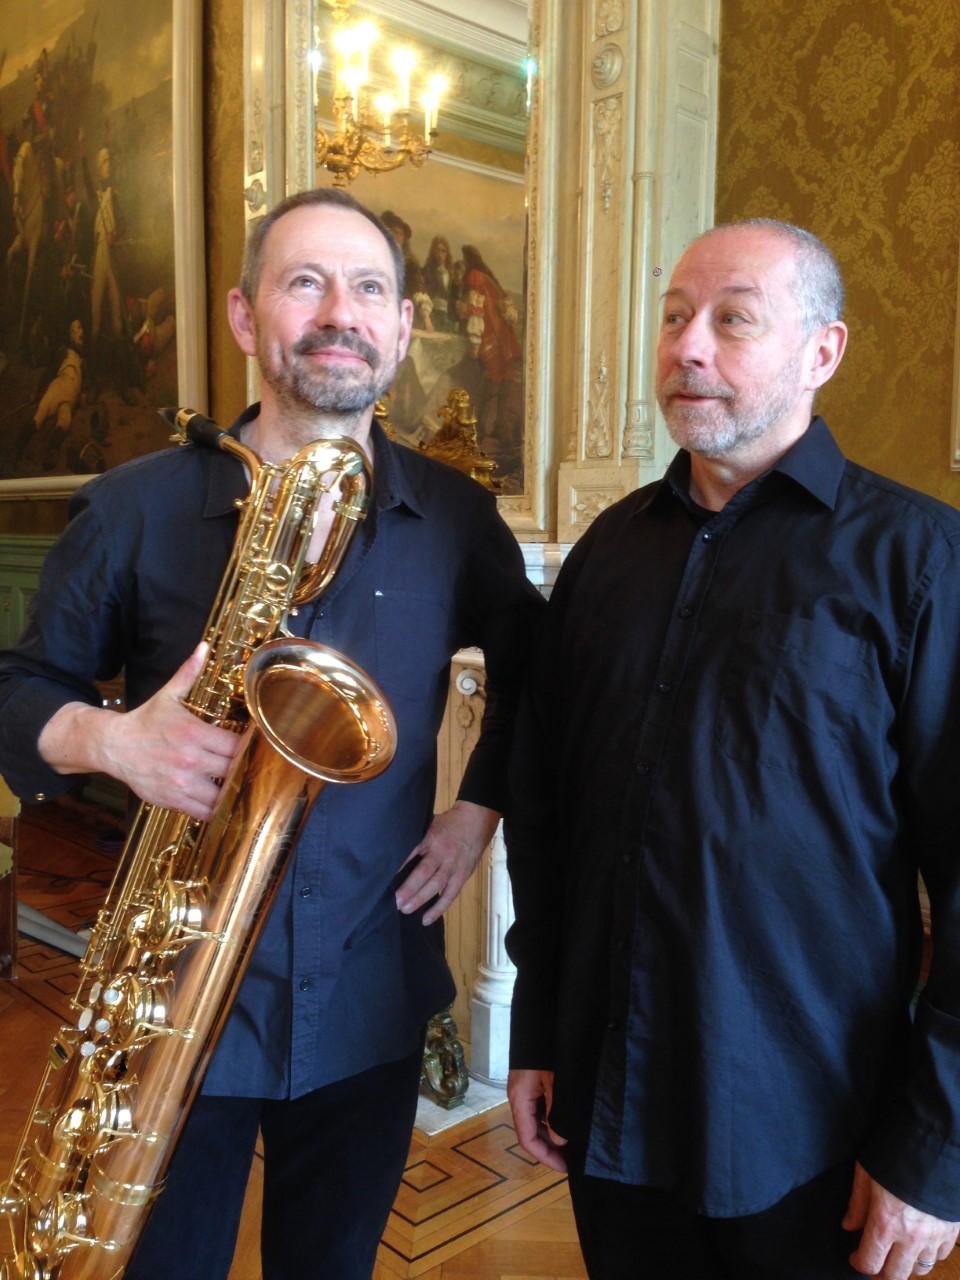 Deux barytons en pays de chanson